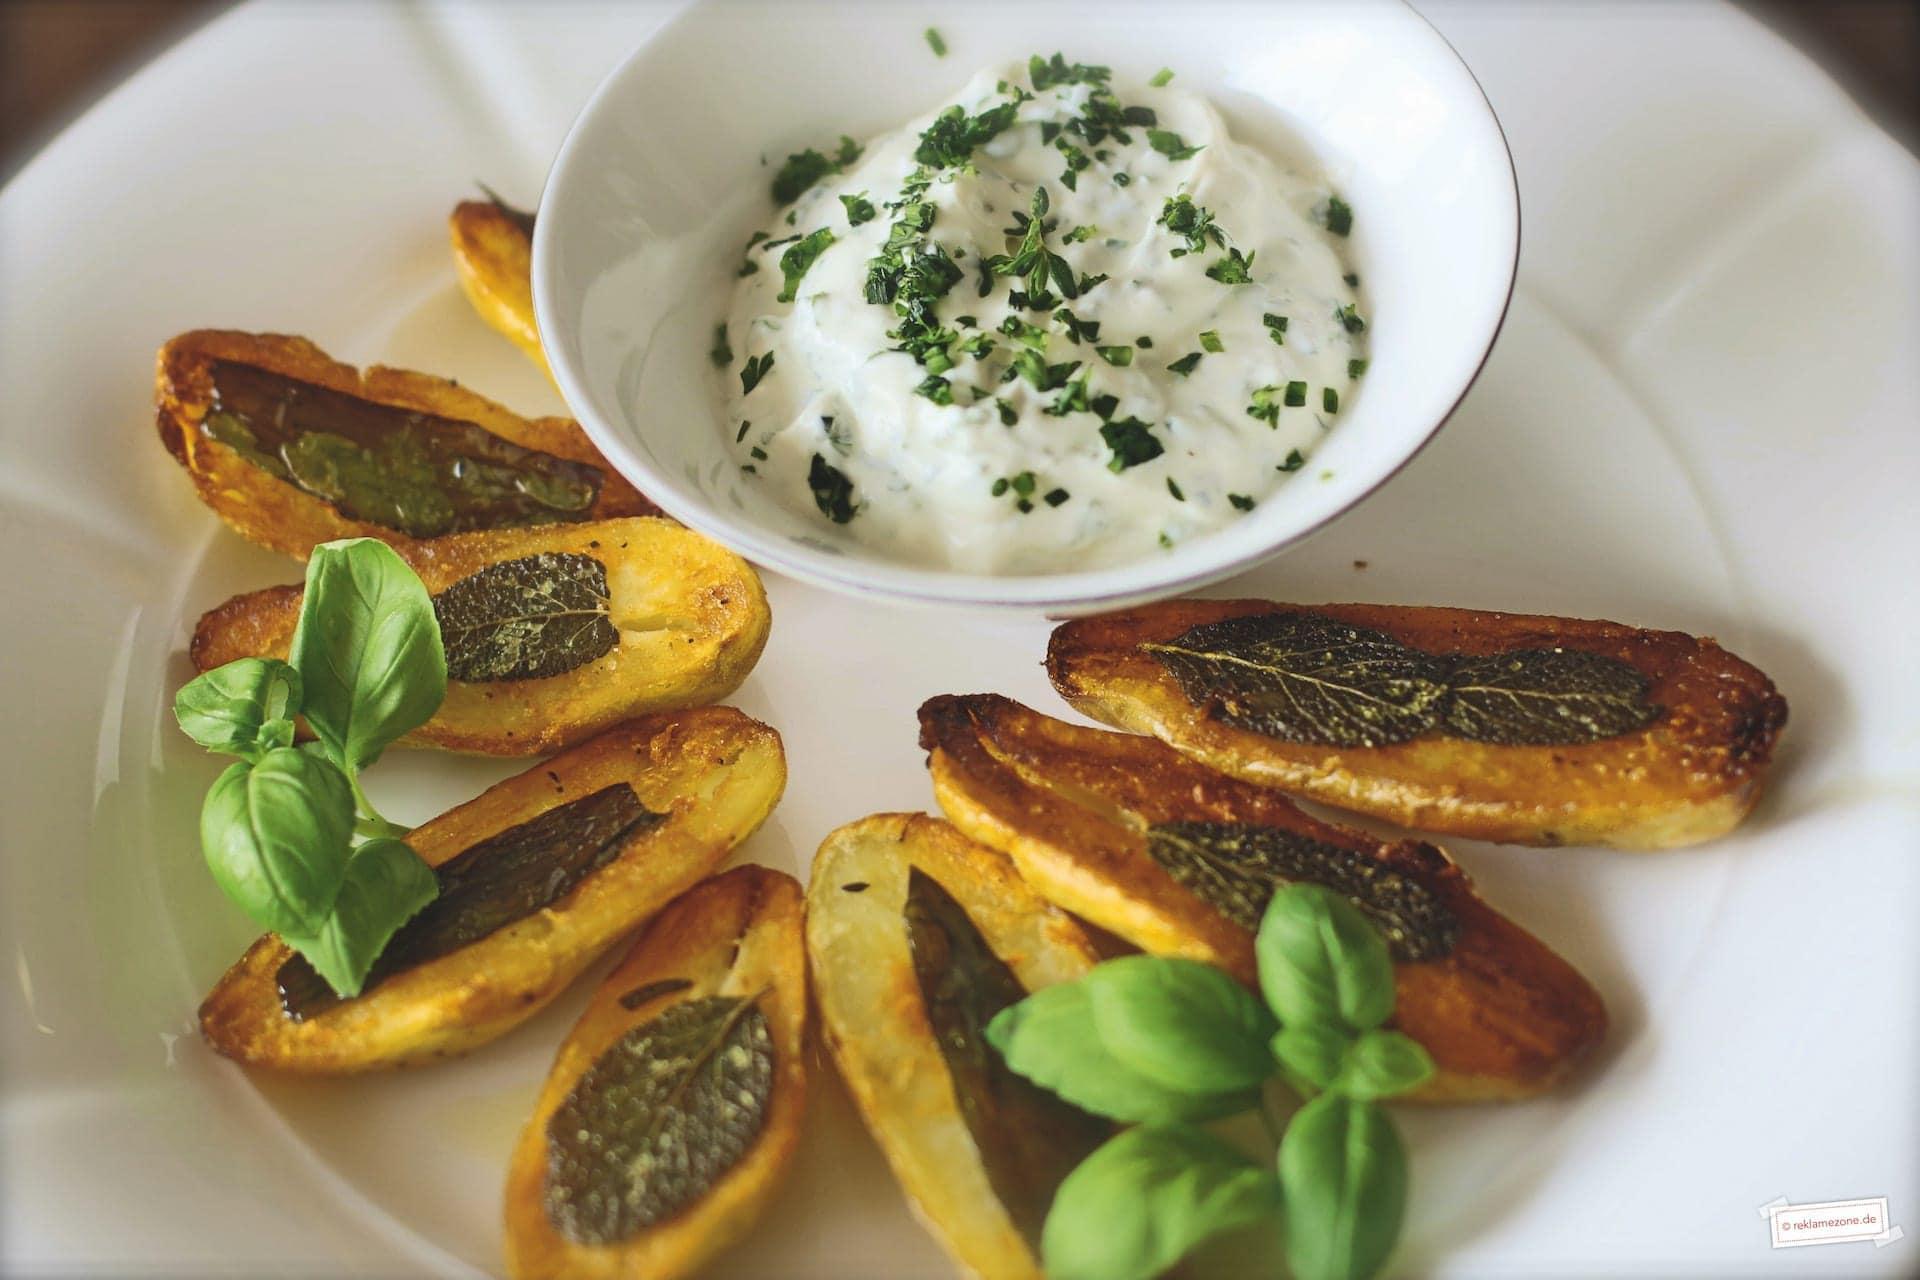 Kartoffelgerichte, Kartoffelspalten aus dem Ofen mit Kräuterquark - Foto: reklamezone.de